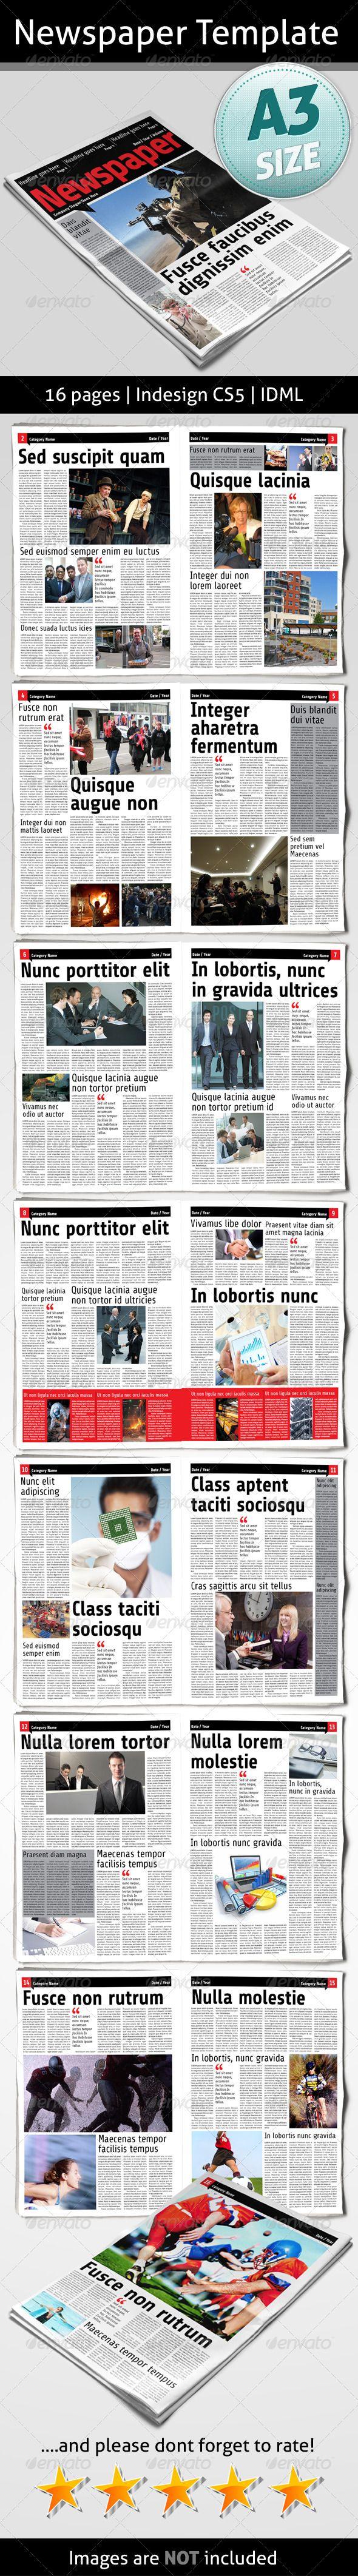 Newspaper Template   Pinterest